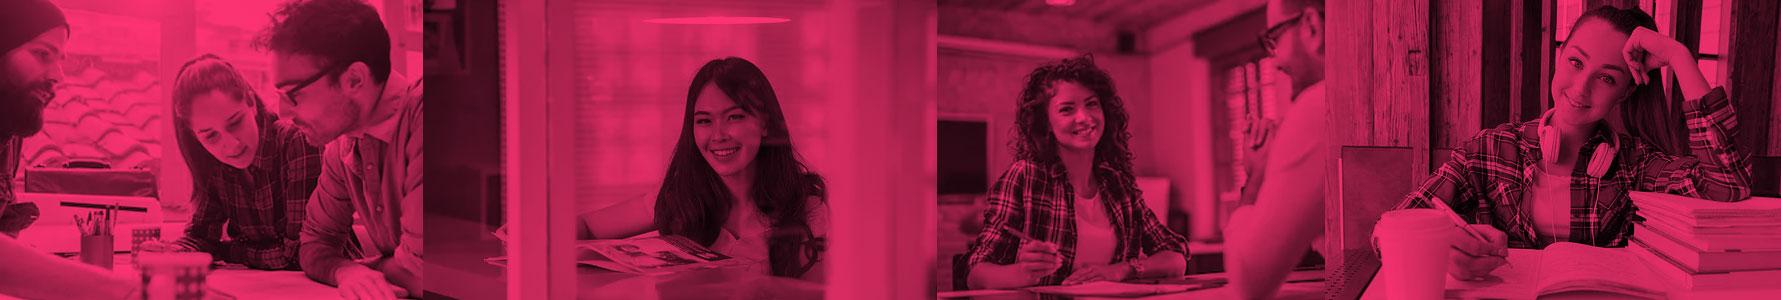 Programador web freelance en Murcia y Madrid. Desarrollamos proyecto Drupal a medida y sin utilizar plantillas.